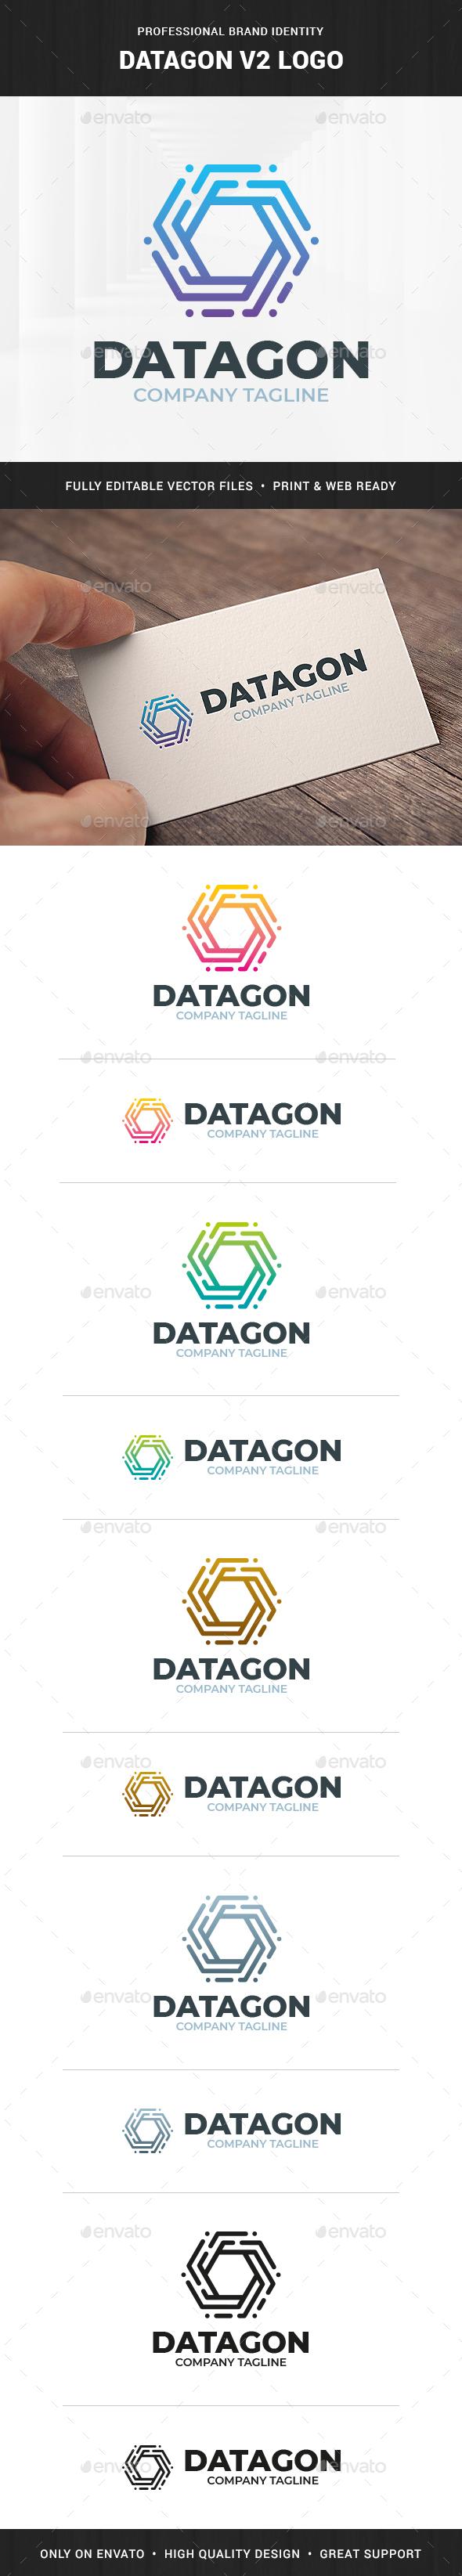 Datagon V2 Logo Template